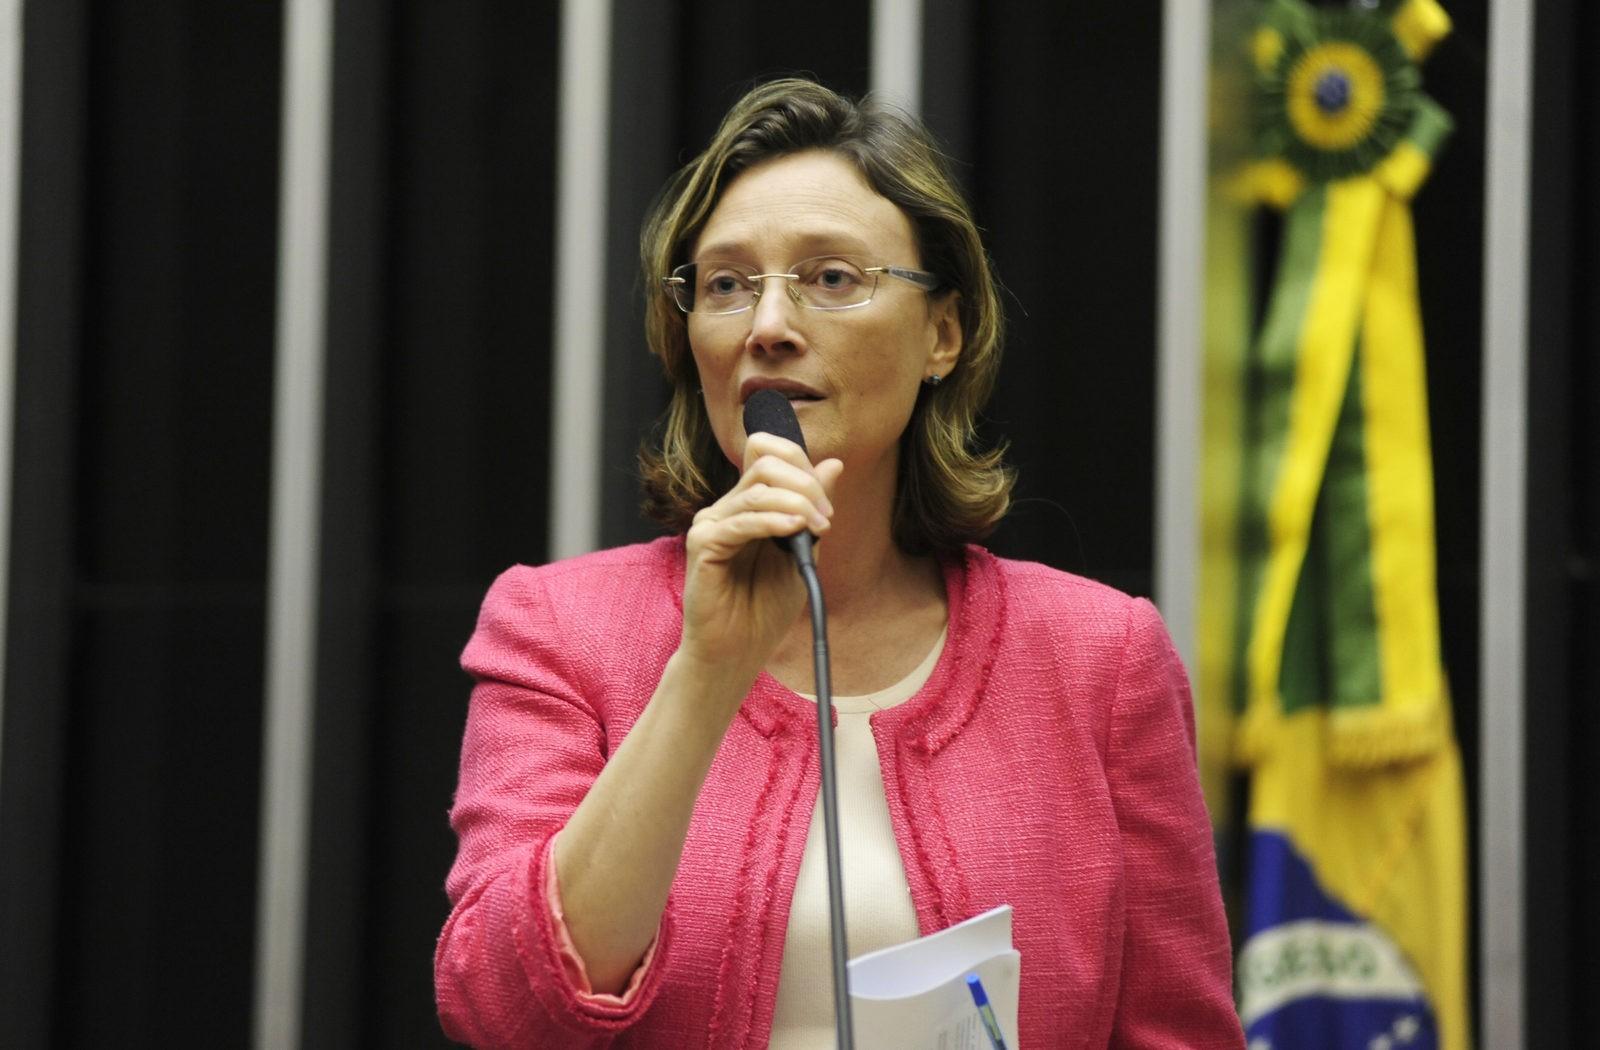 Maria do Rosário no plenário da Câmara. Foto: Gustavo Lima / Câmara dos Deputados